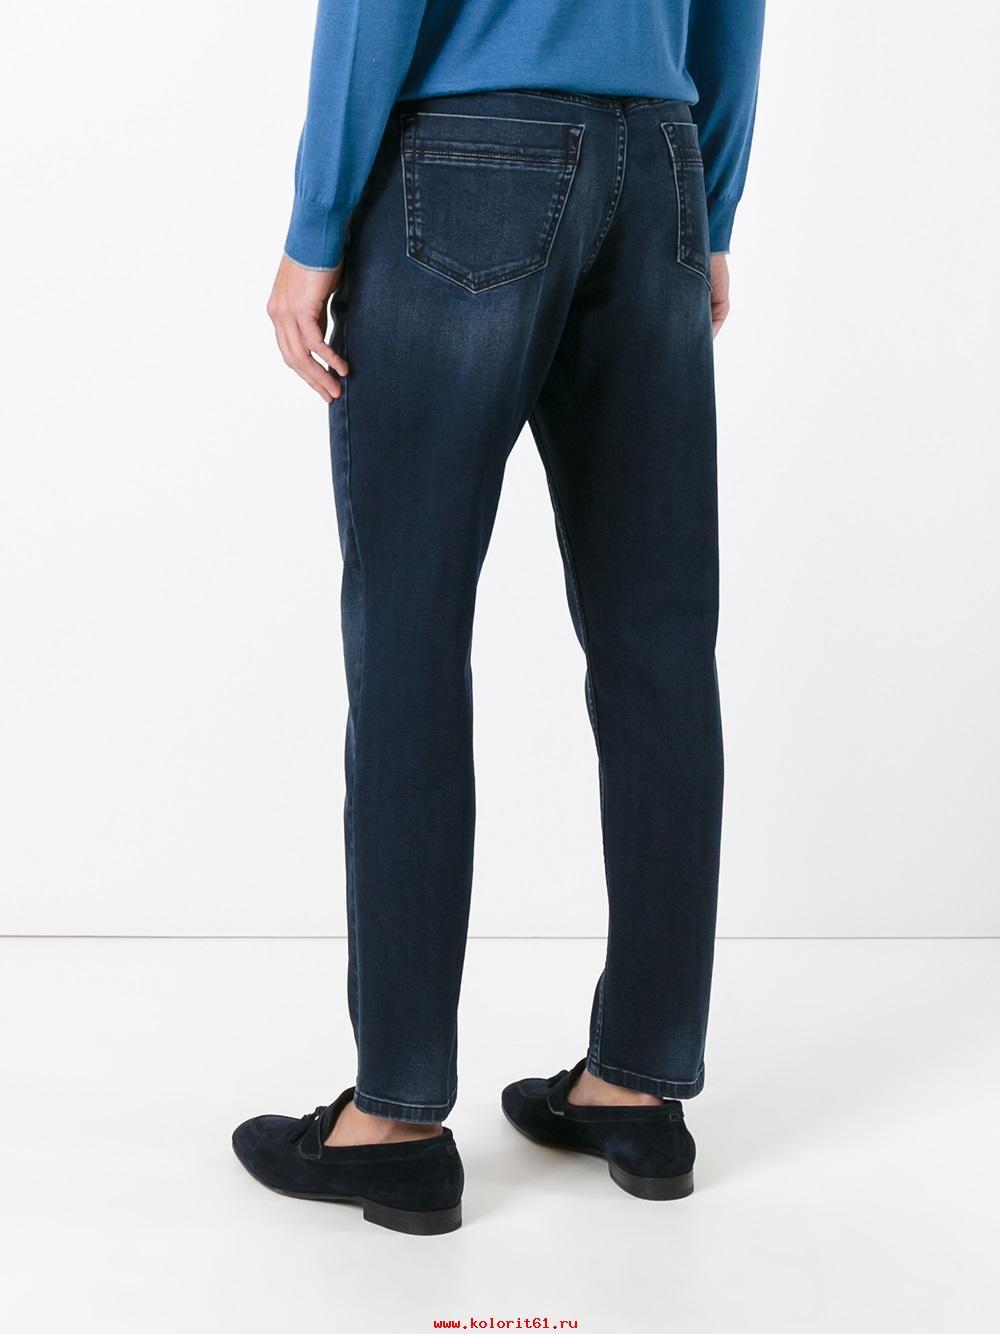 Выбираем джинсы для парня правильно